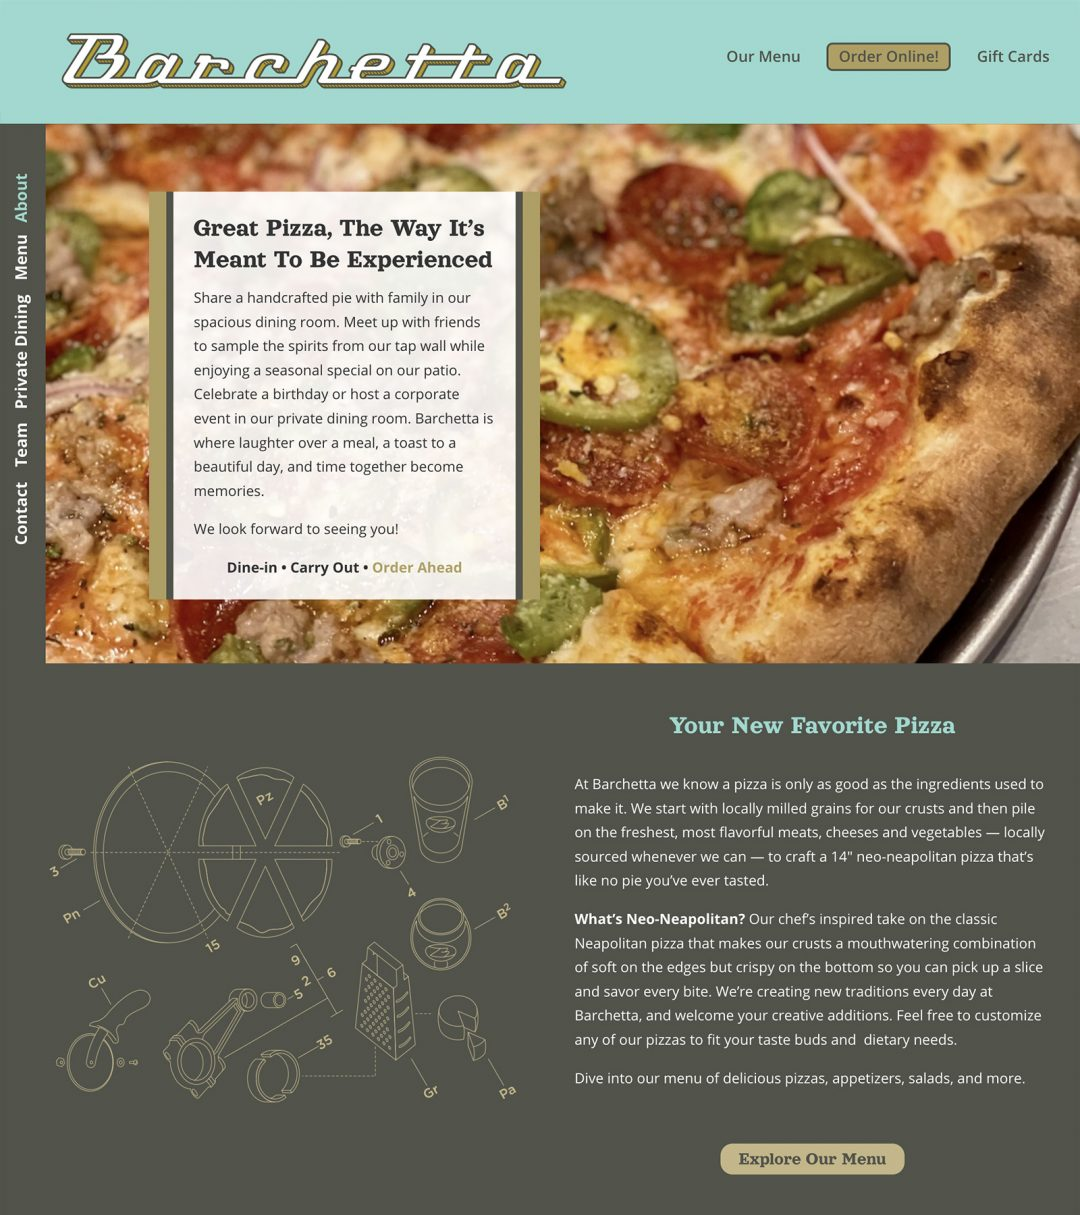 Barchetta Pizza (website)